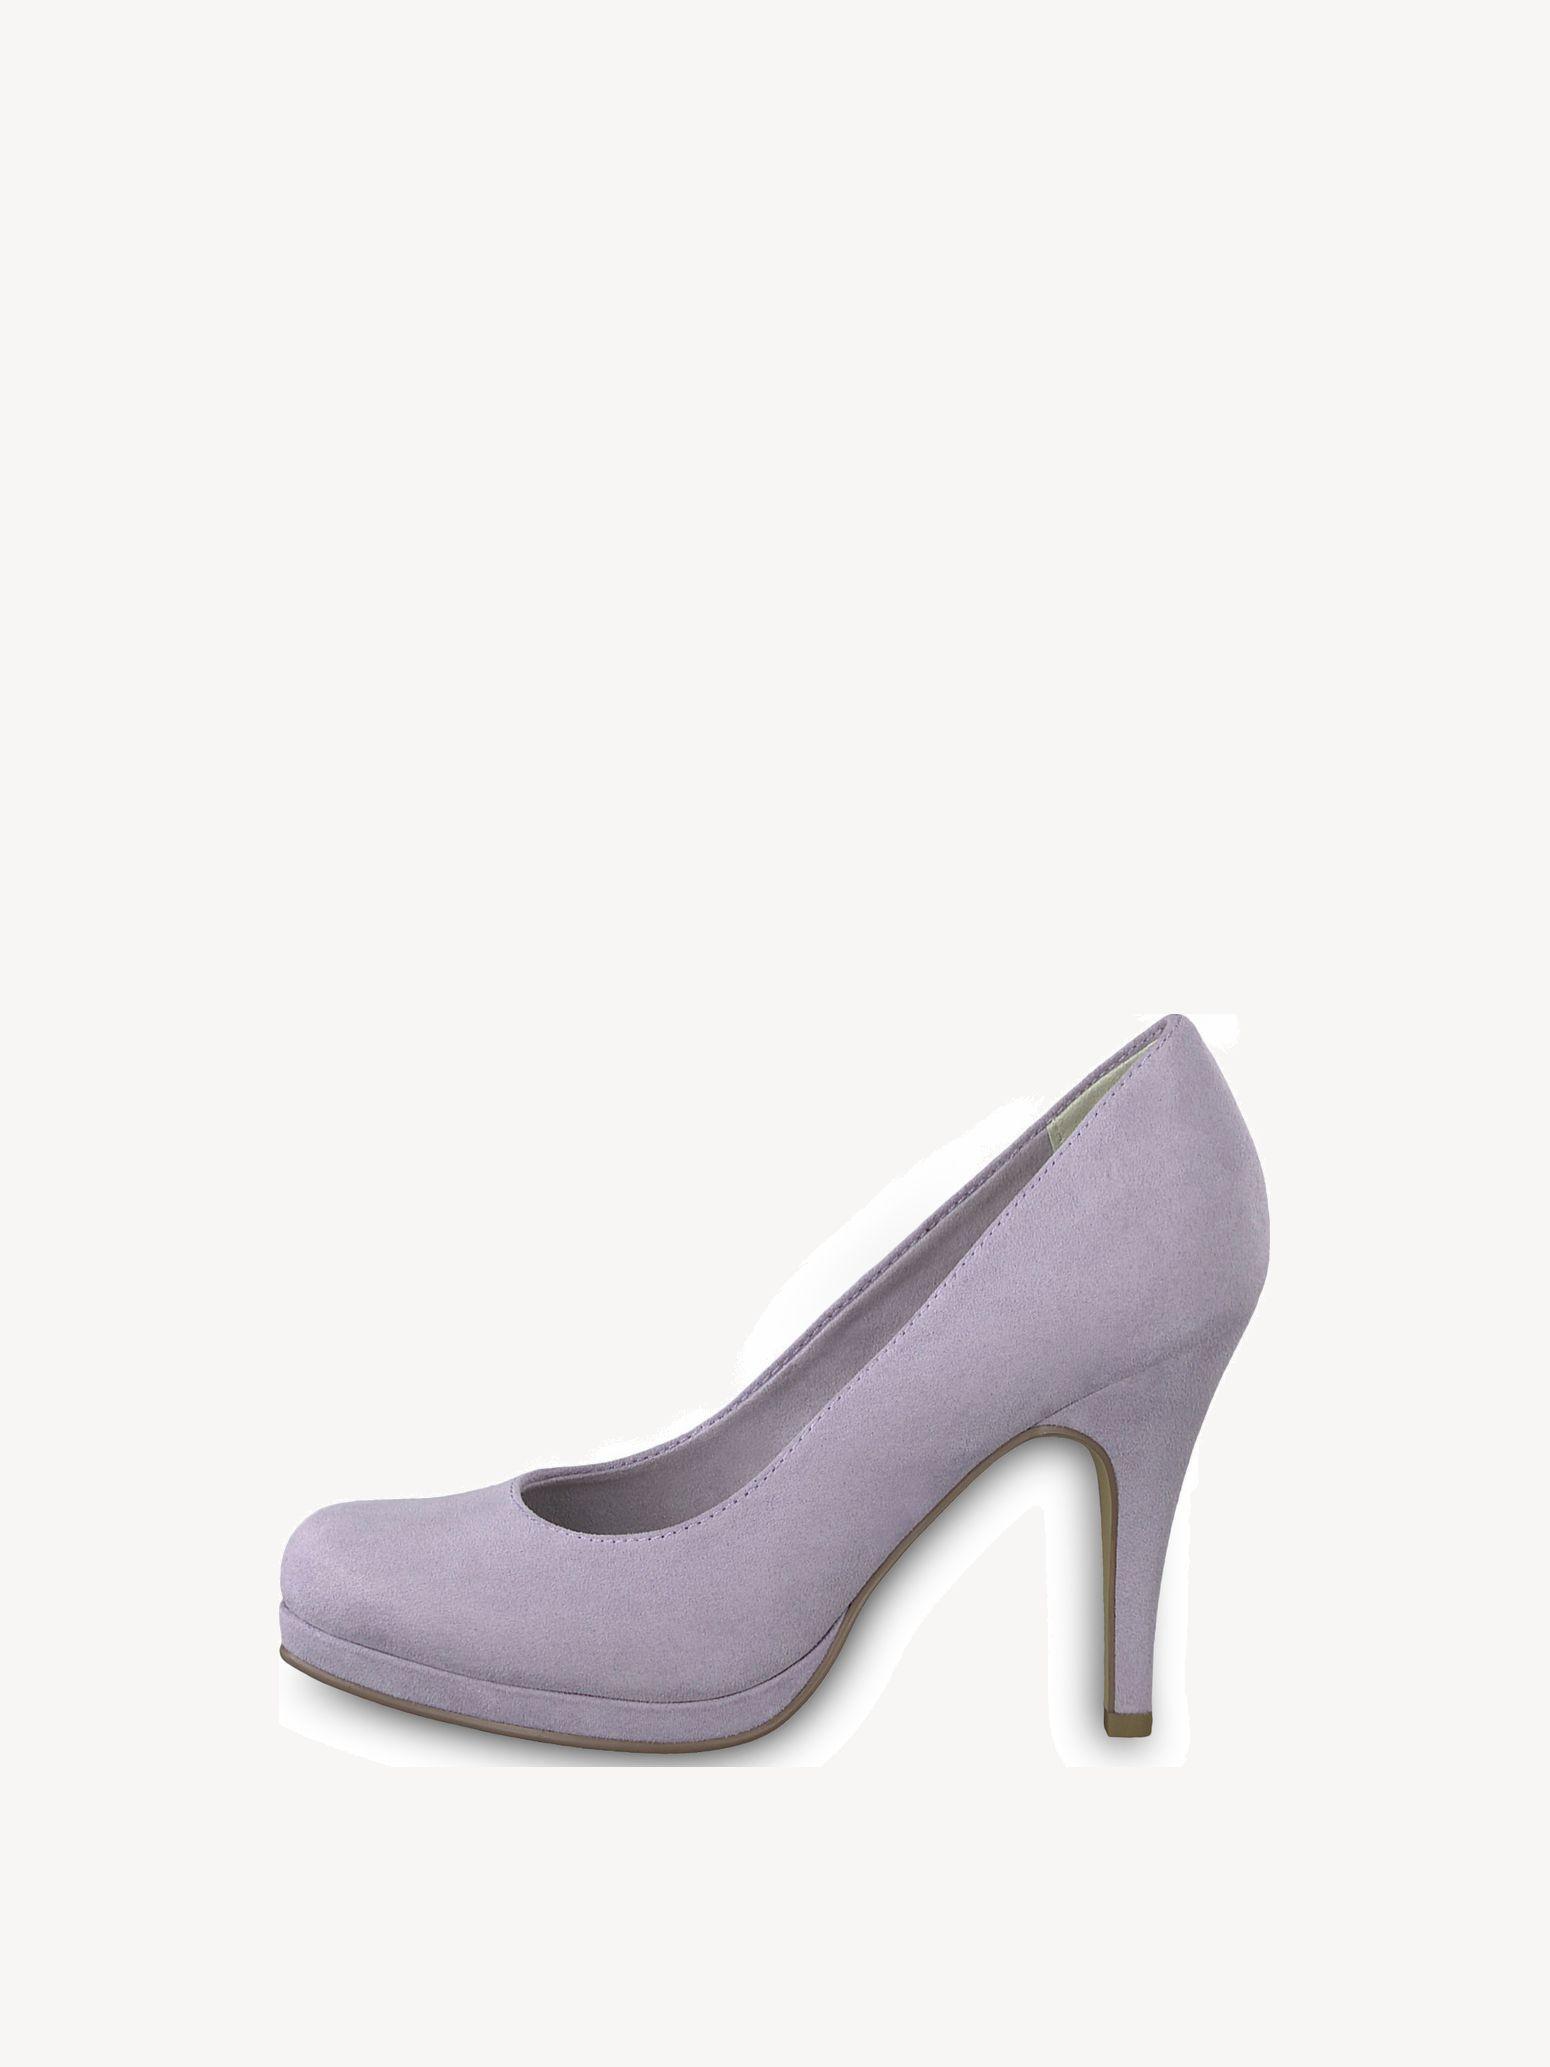 Tamaris Tamaris Mauves Chaussures Mauves Chaussures Chaussures Tamaris Mauves Tamaris Mauves sQrthdC